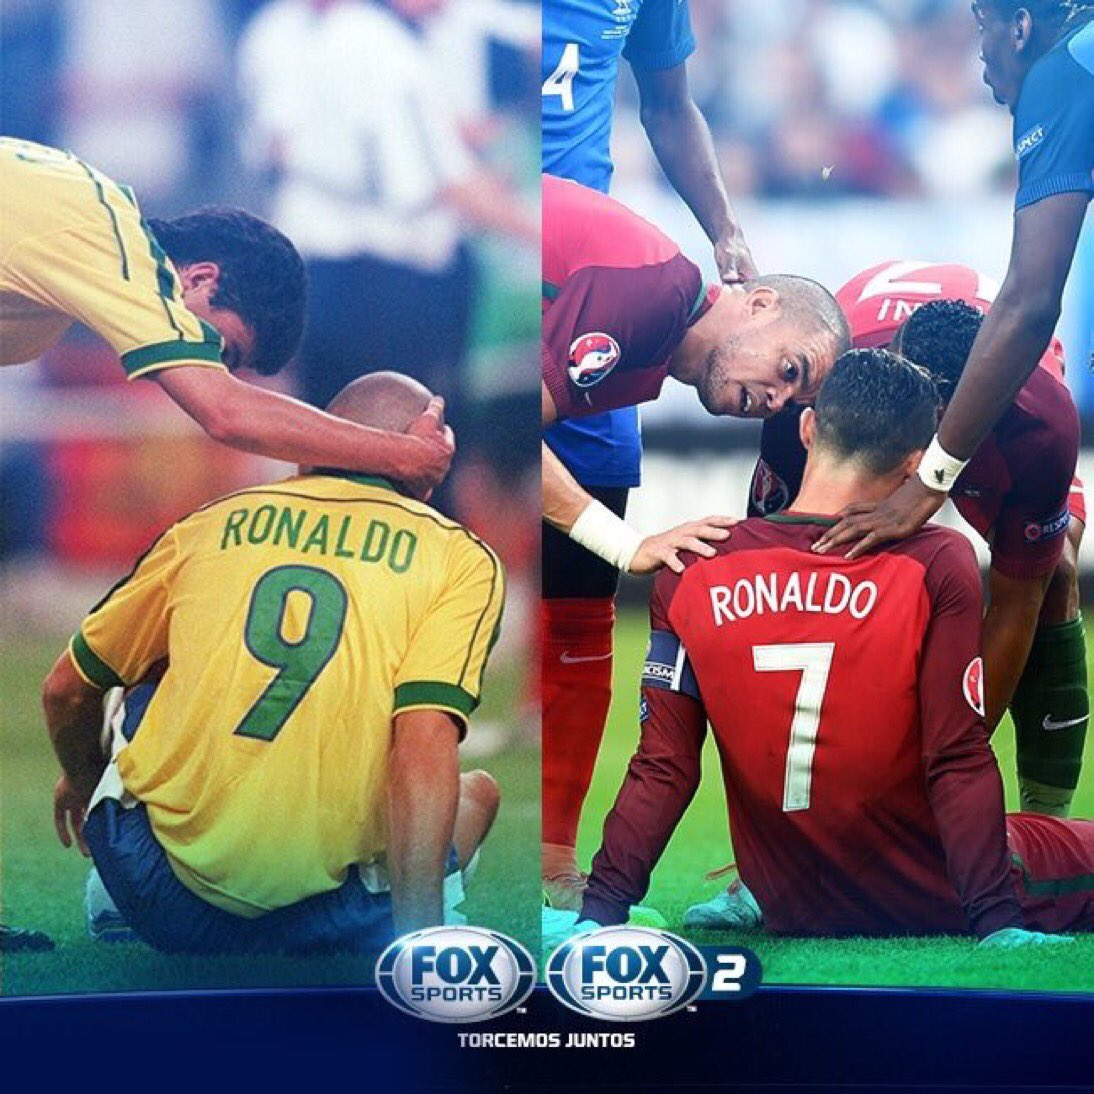 98_16 Ronaldo